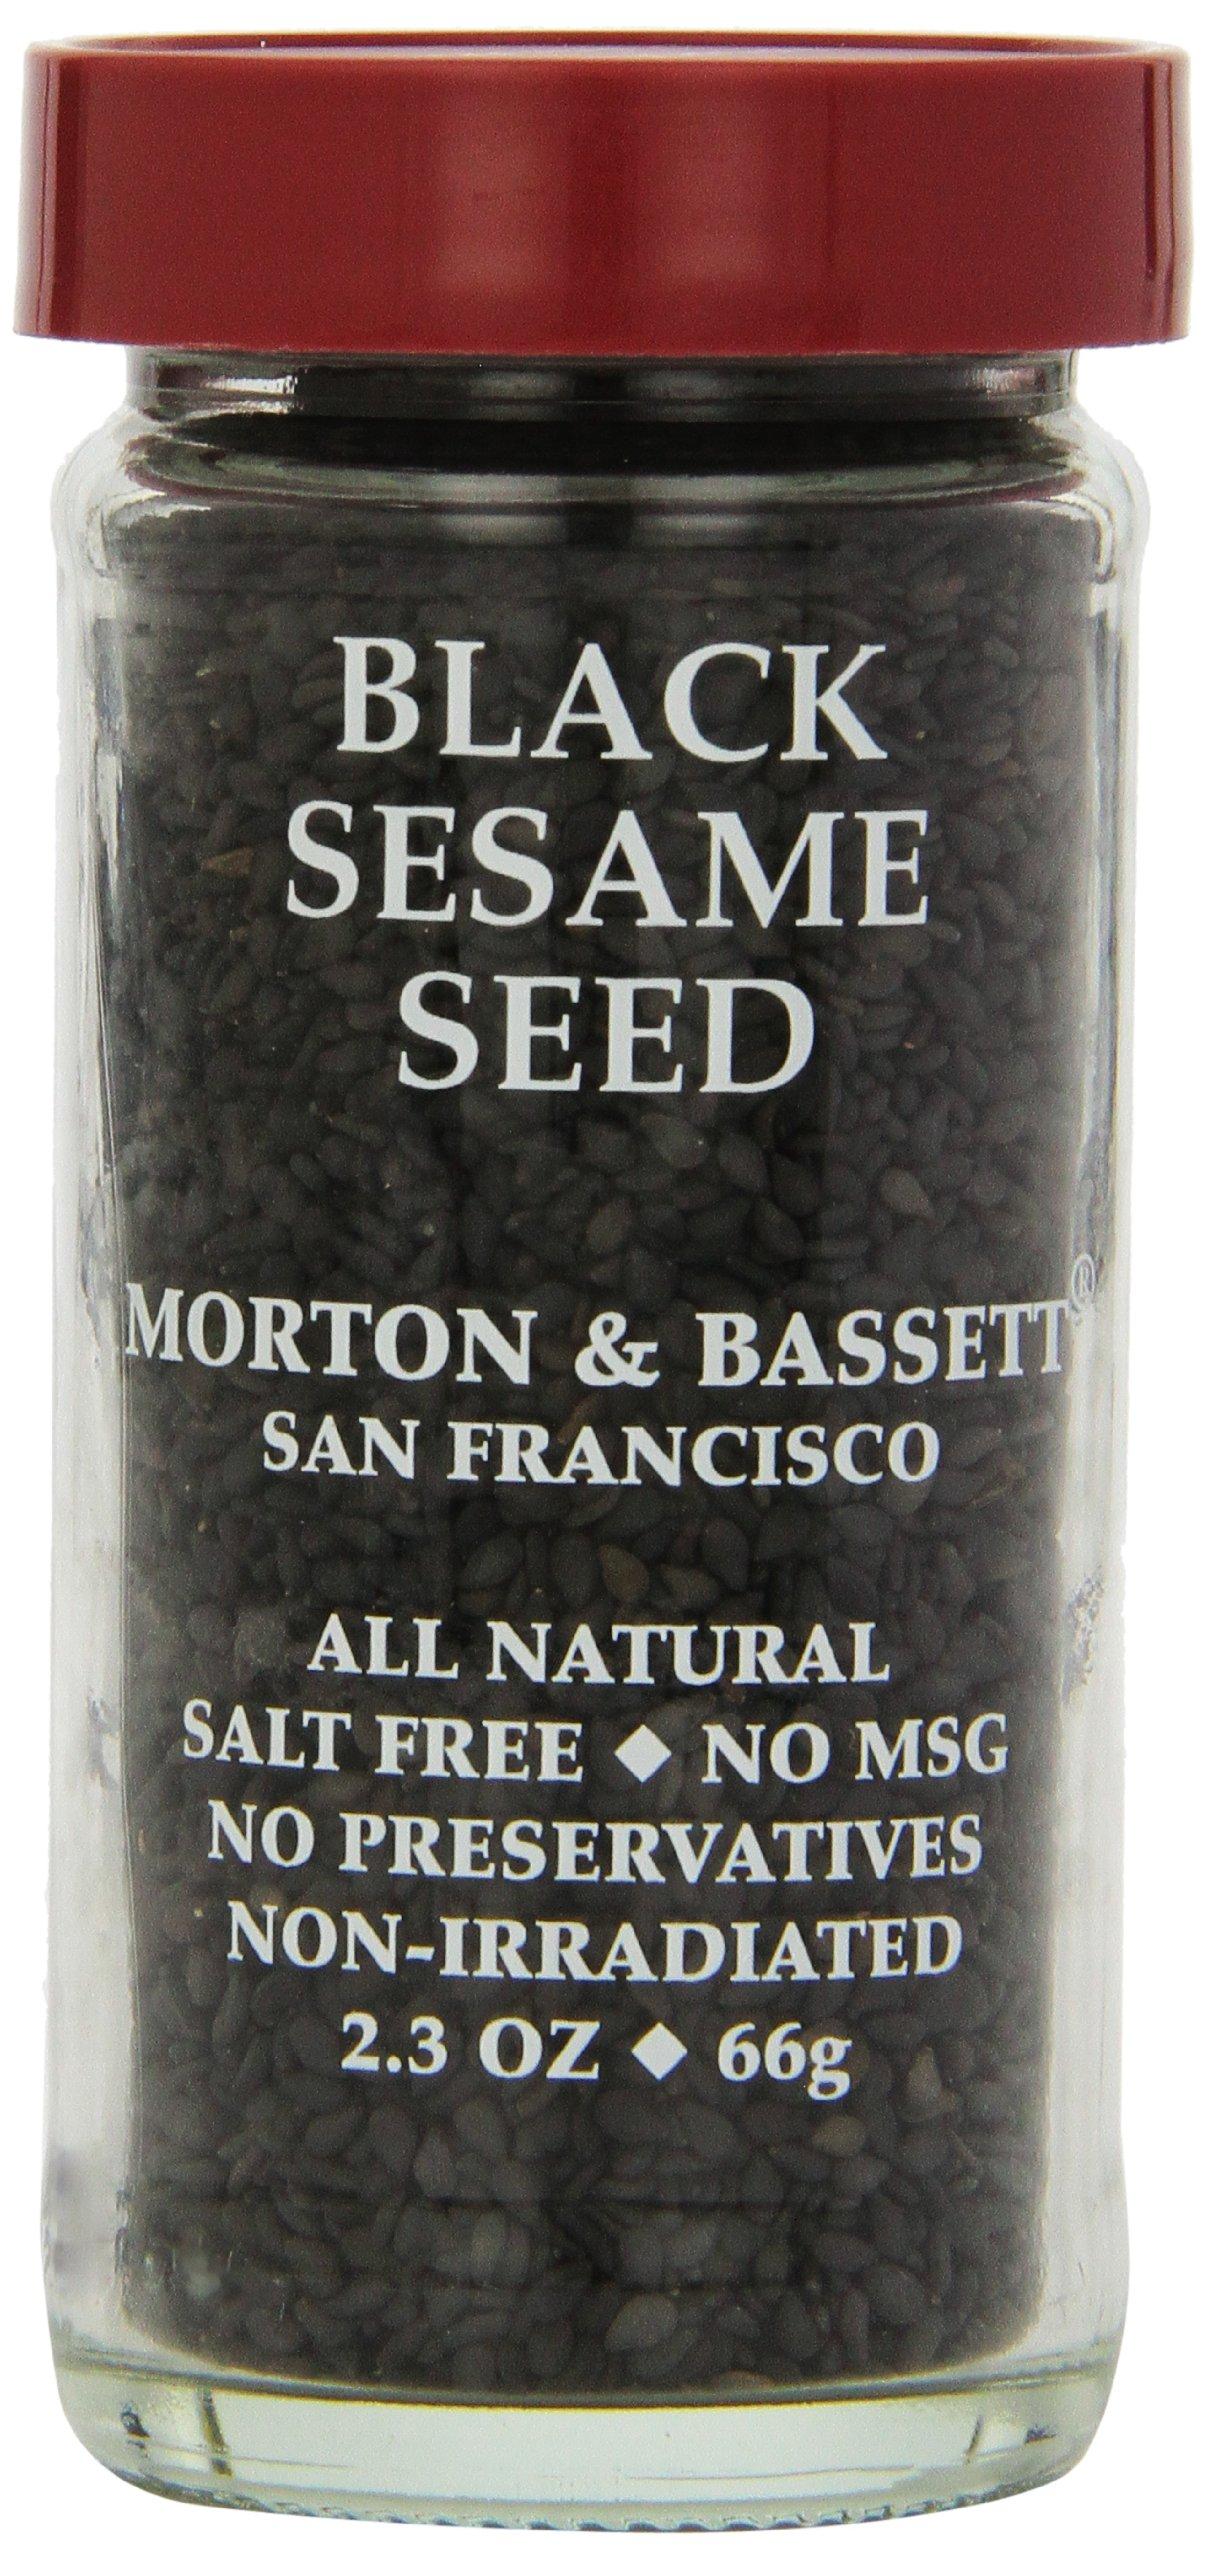 Morton & Bassett Black Sesame Seeds, 2.3-Ounce Jars (Pack of 3)